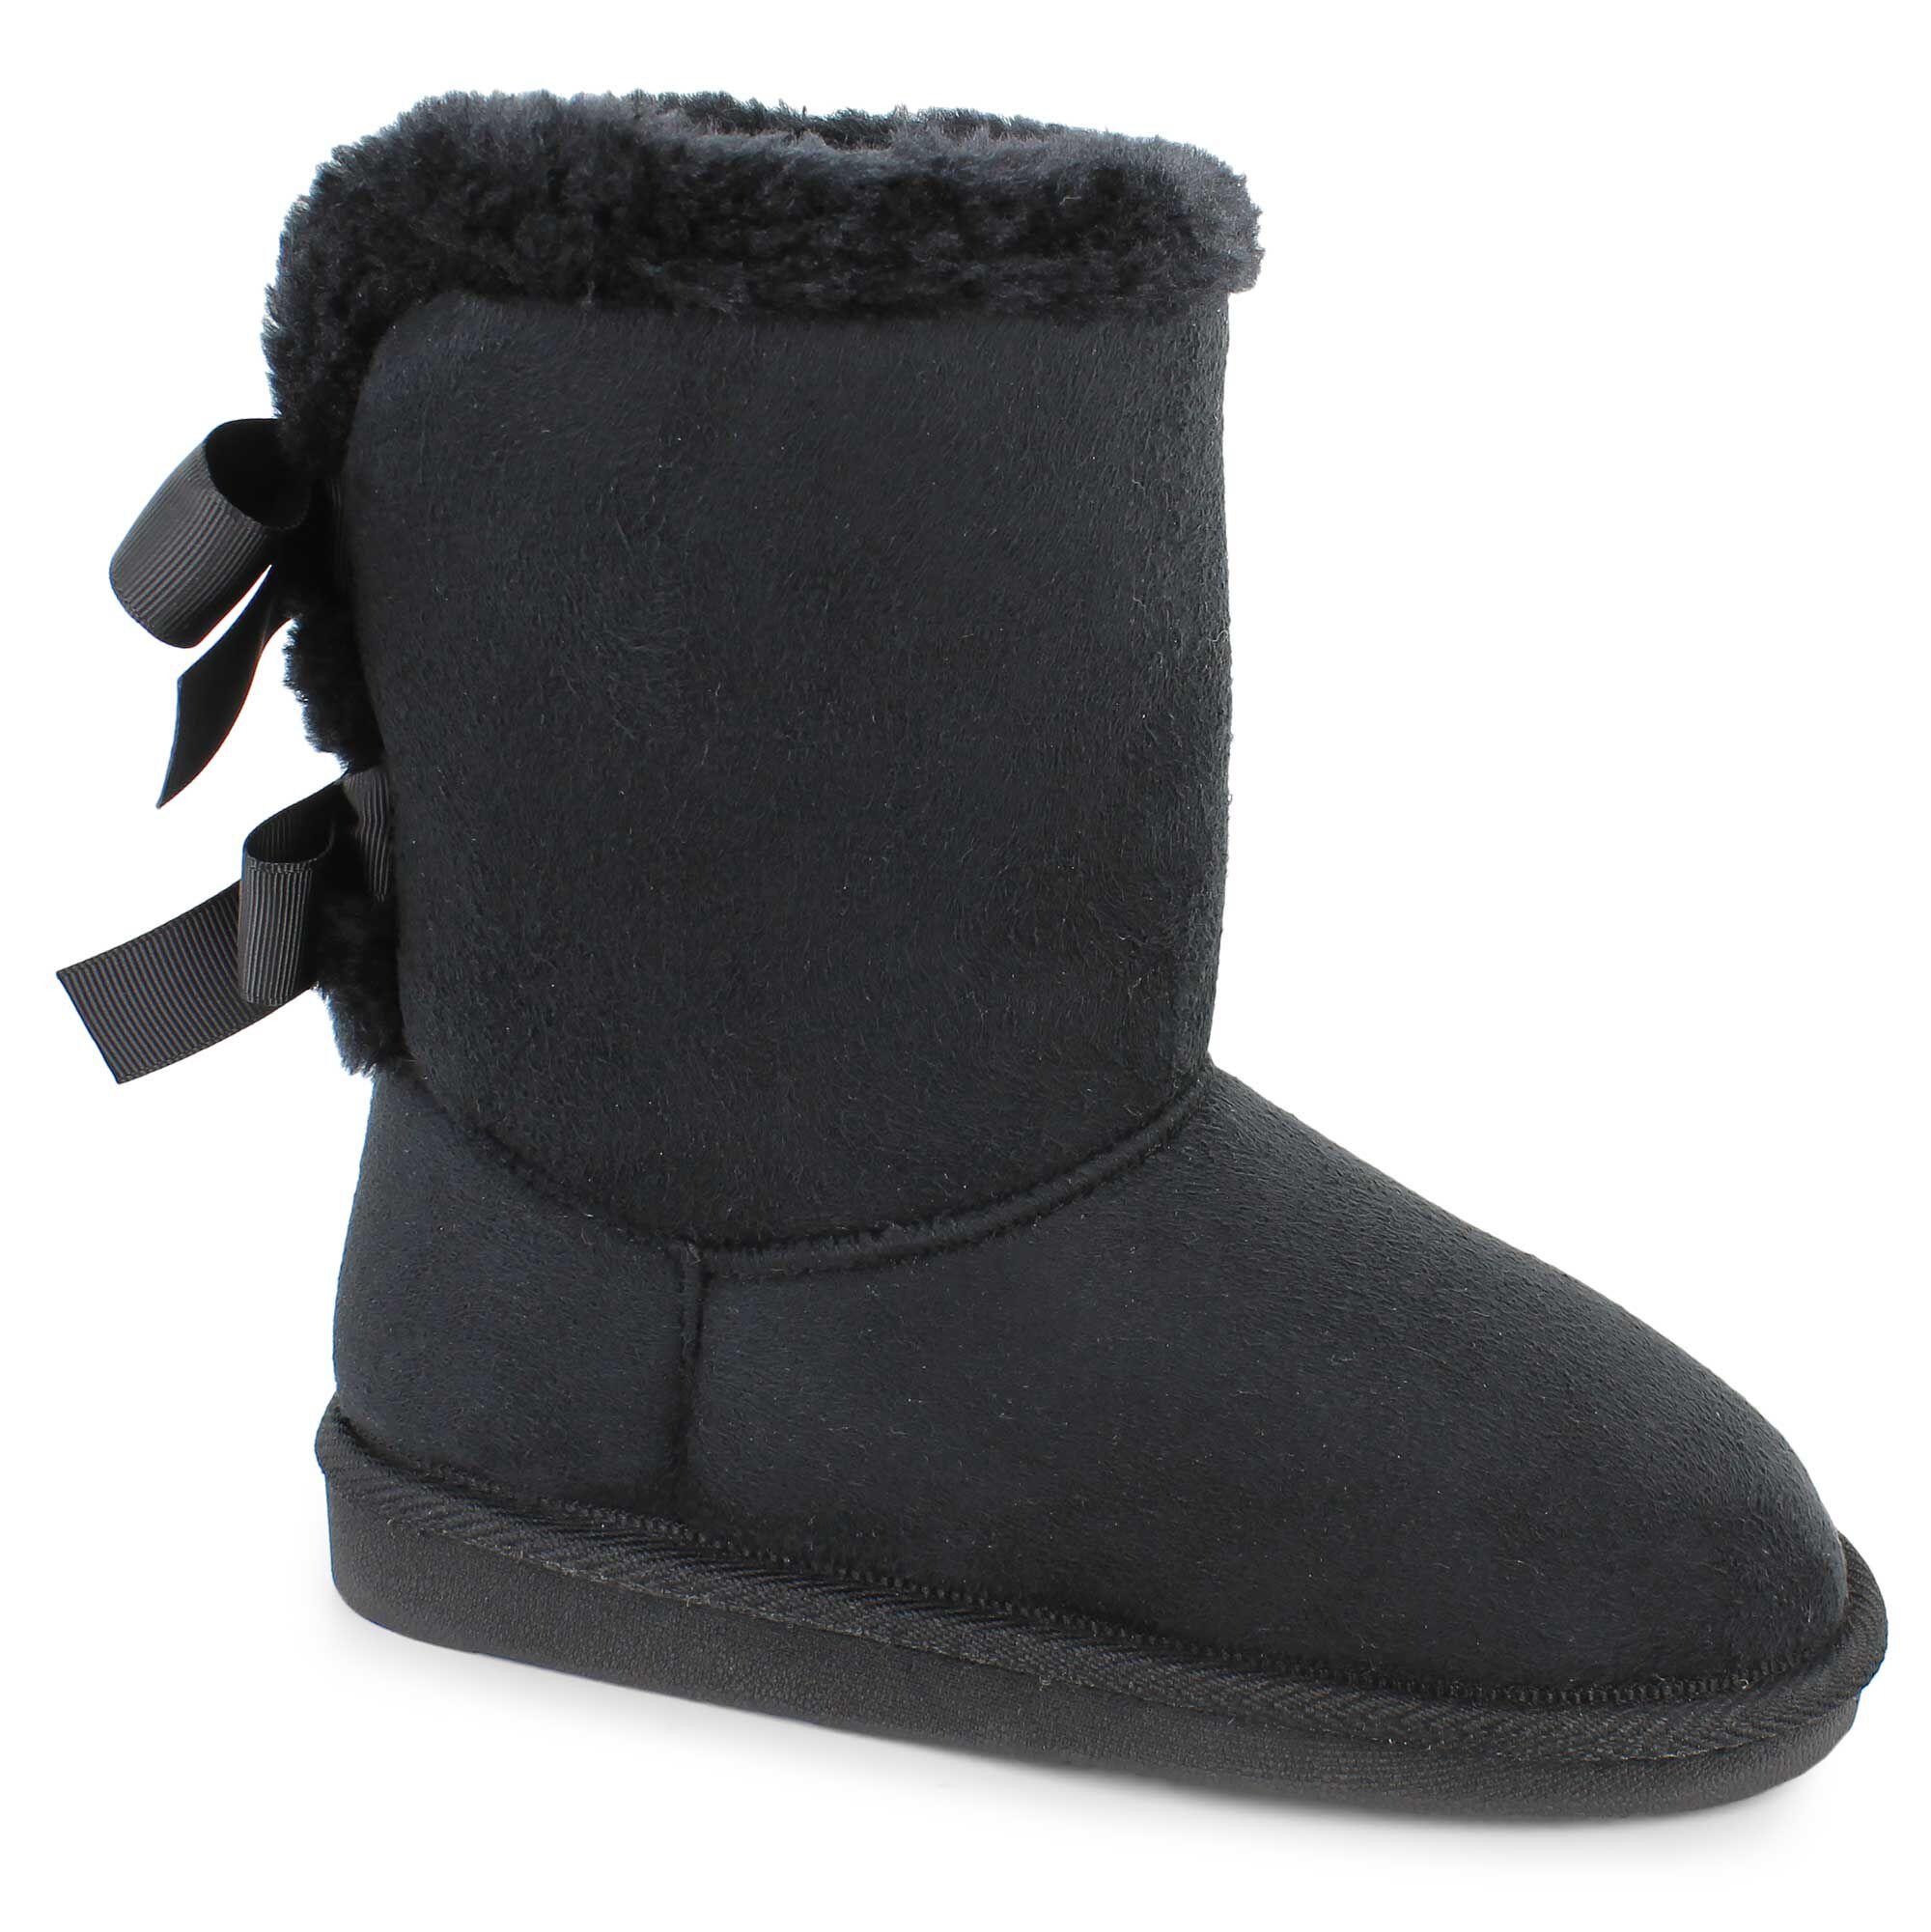 Sale Shoes | Shop Now at SHOE SHOW MEGA